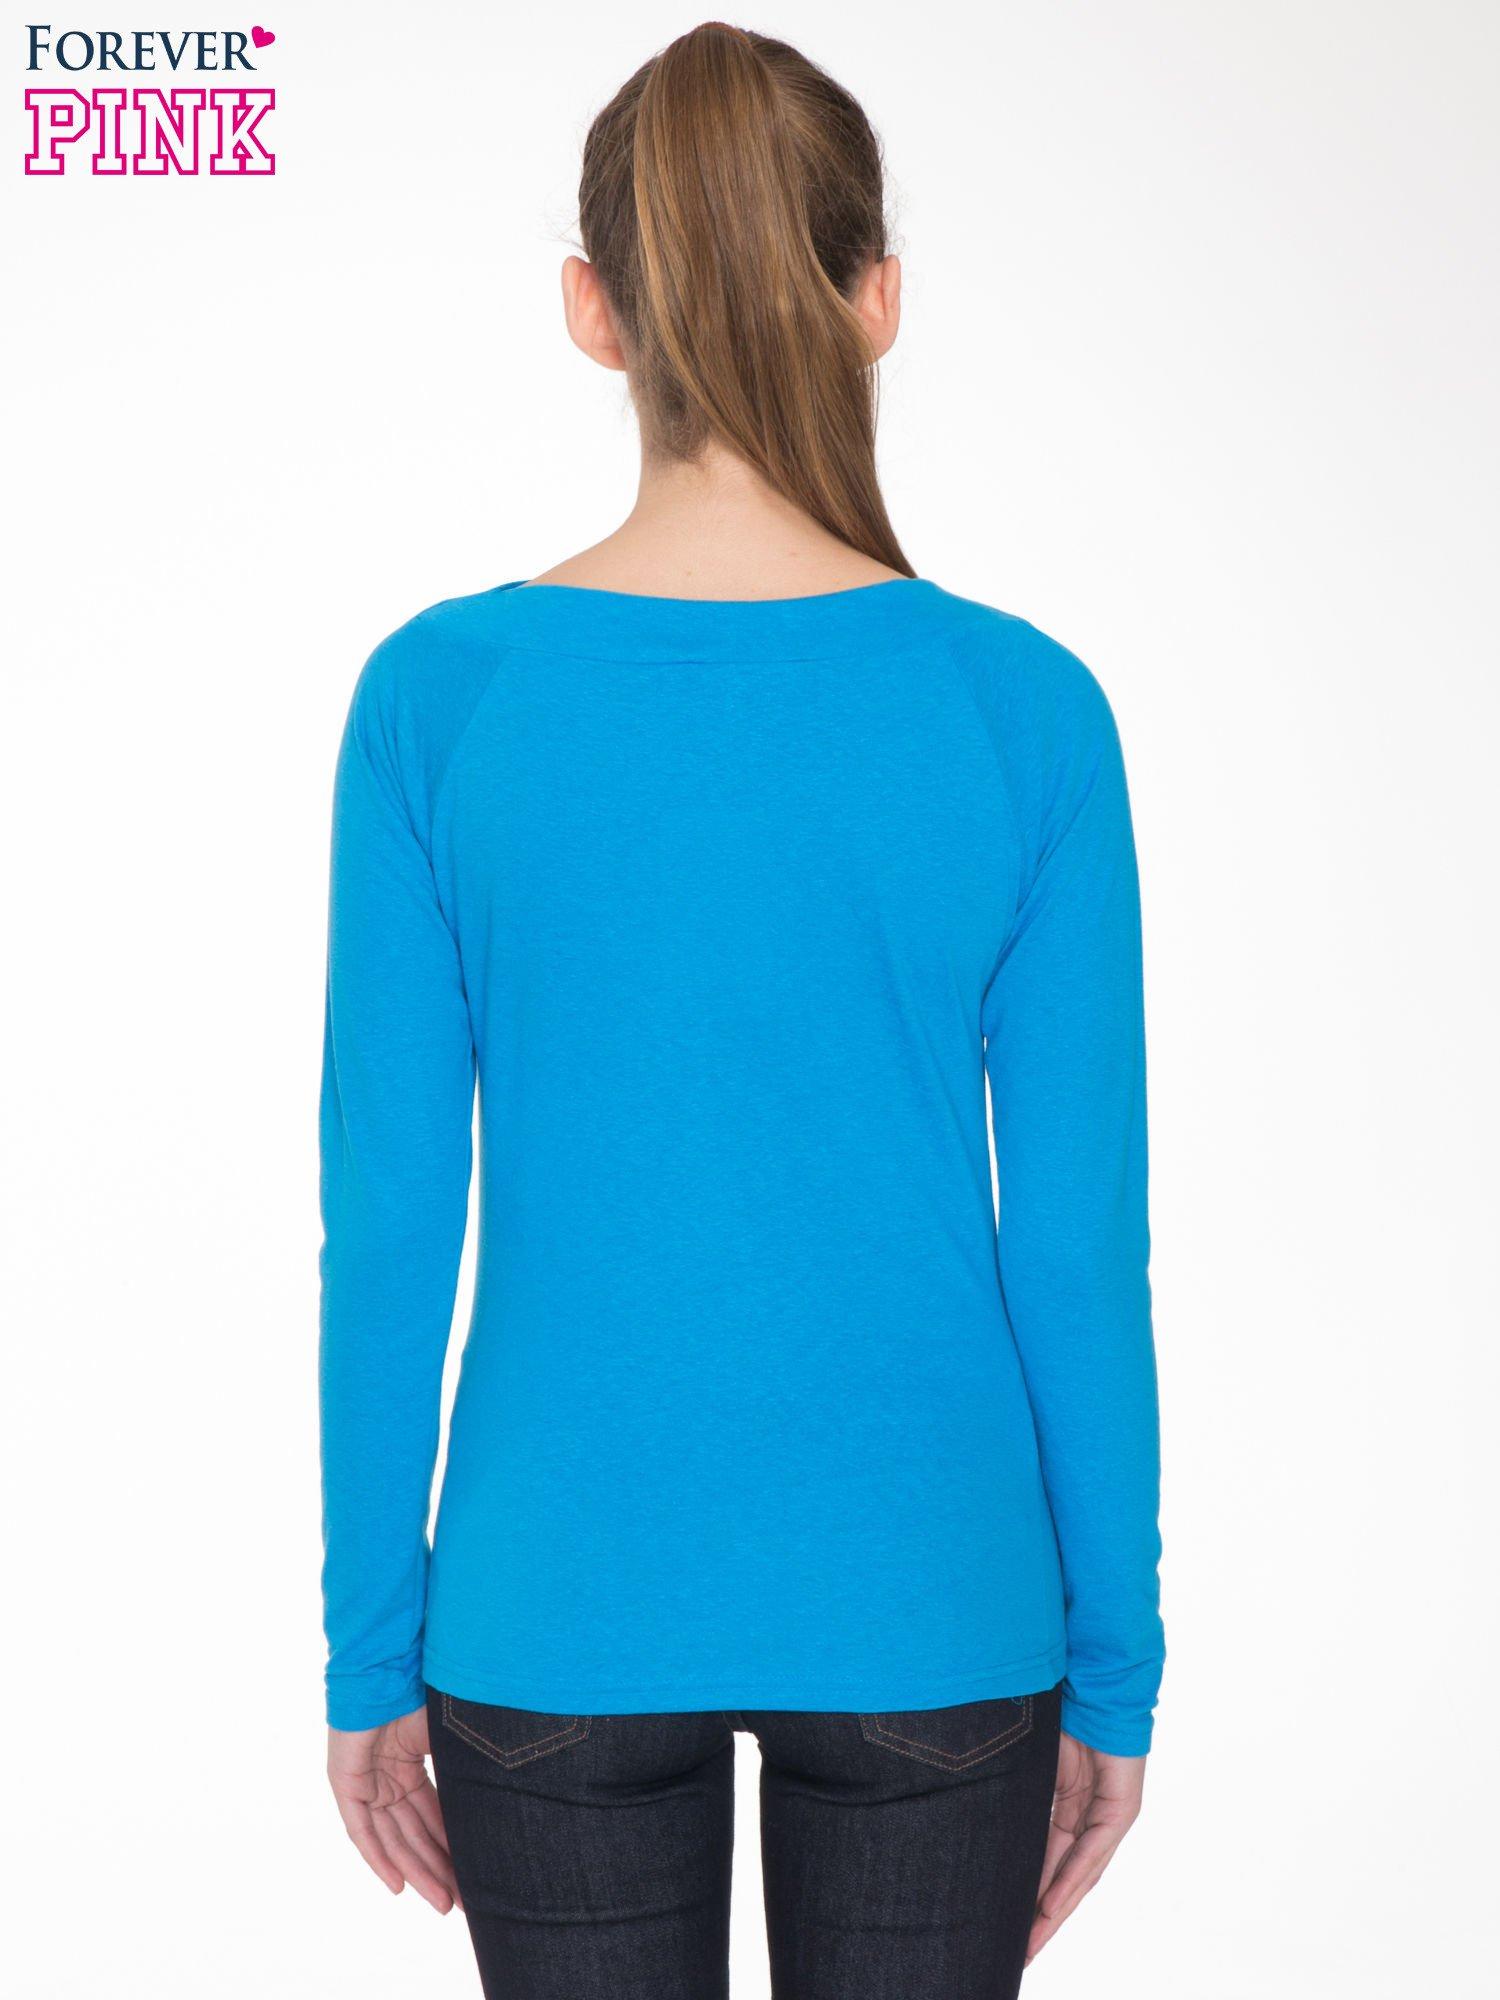 Niebieska gładka bluzka z reglanowymi rękawami                                  zdj.                                  4